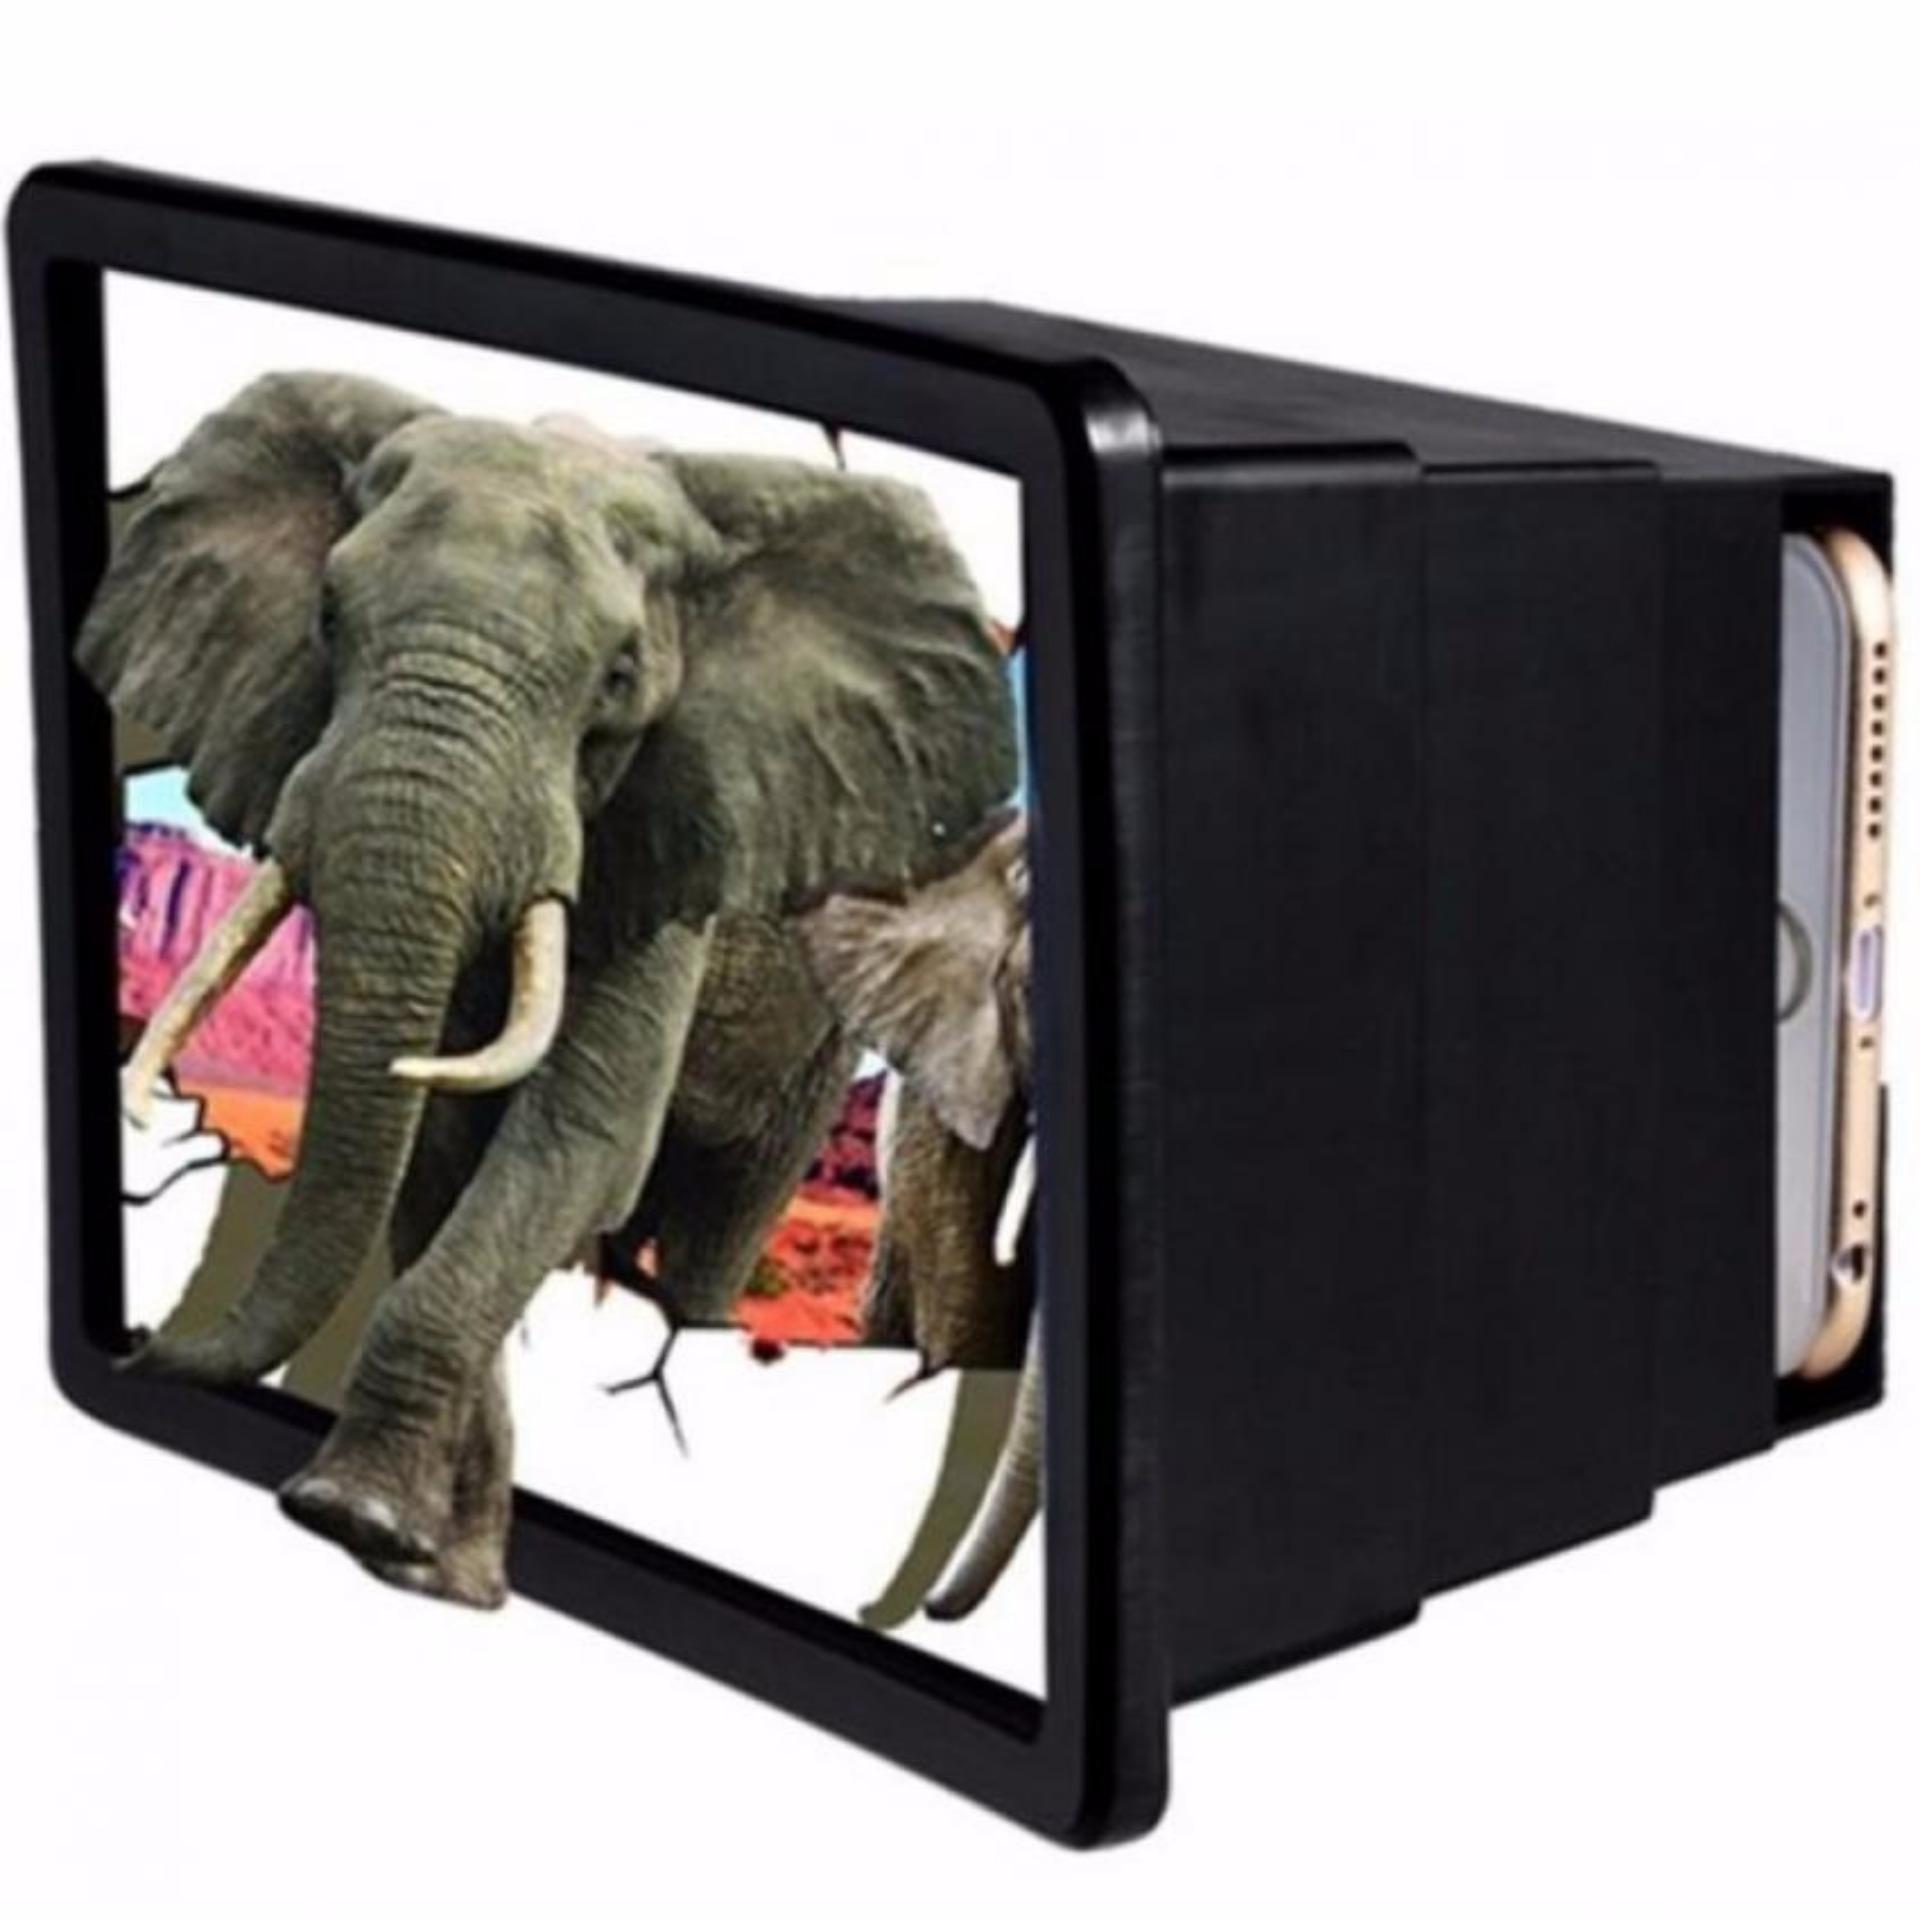 Giá KM Hộp kính 3D phóng to màn hình điện thoại smartphone F2